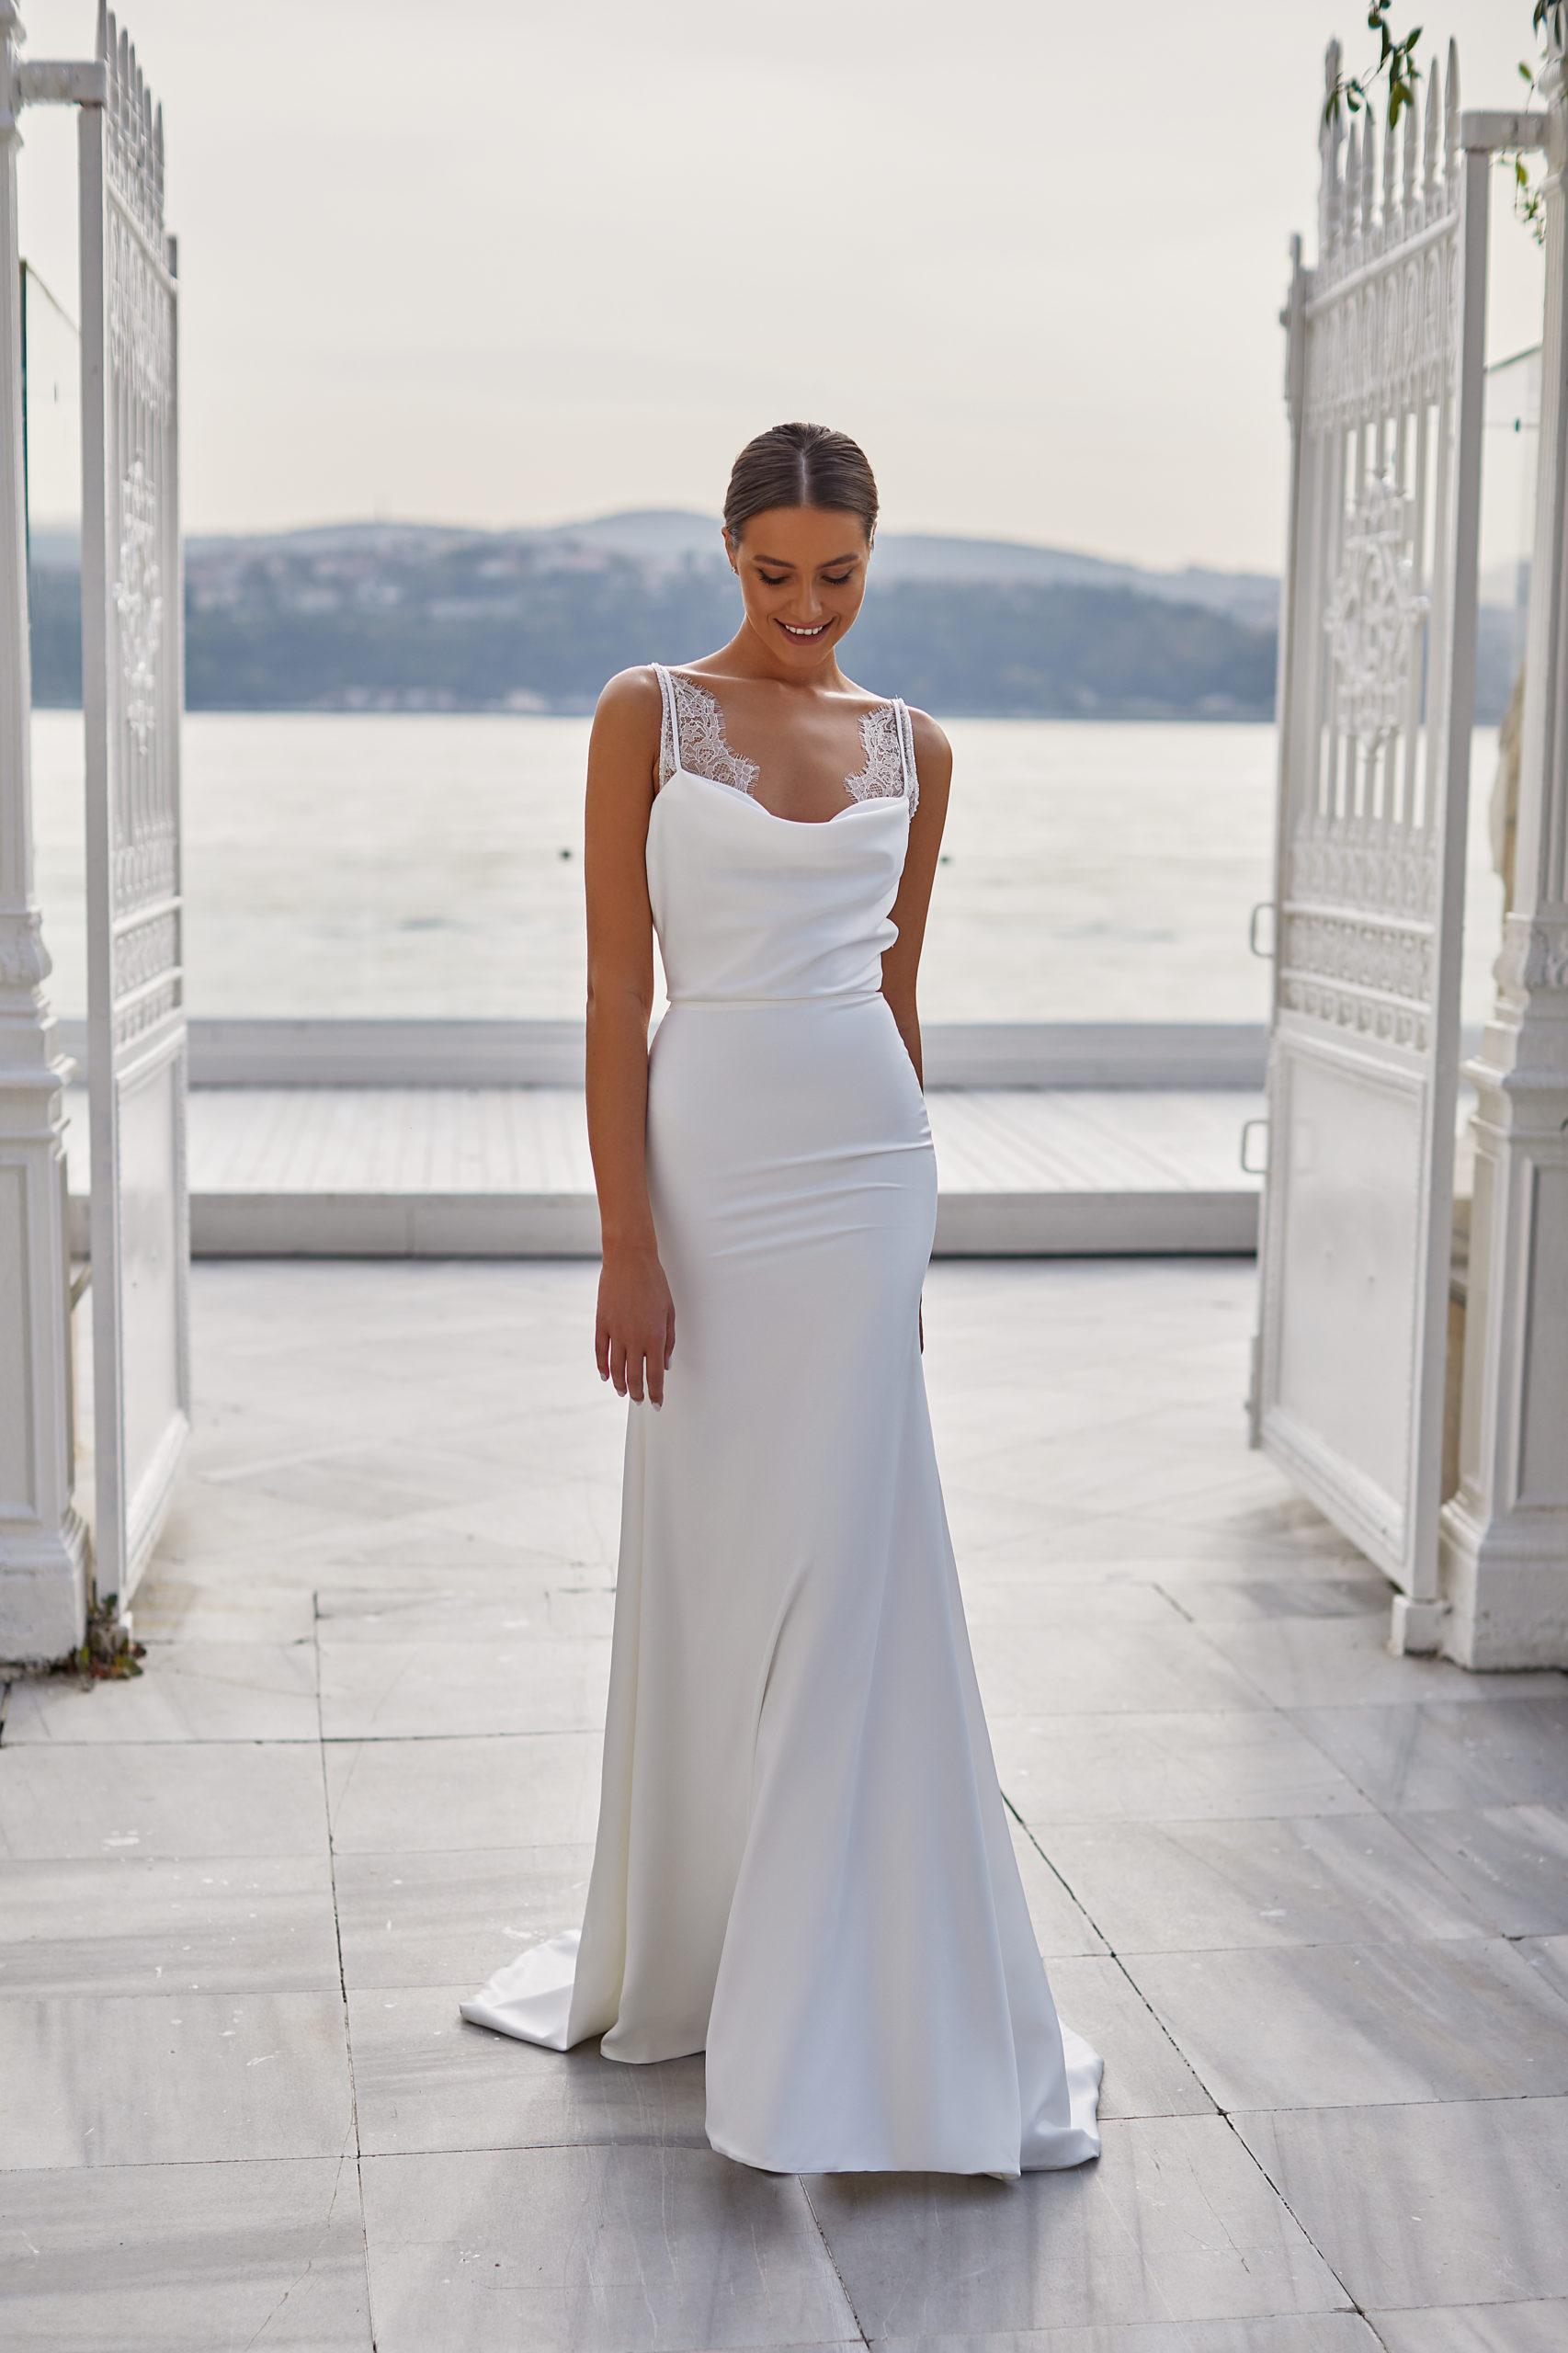 ivonne white and lace millanova mariage civil simple dentelle fluide longue traine